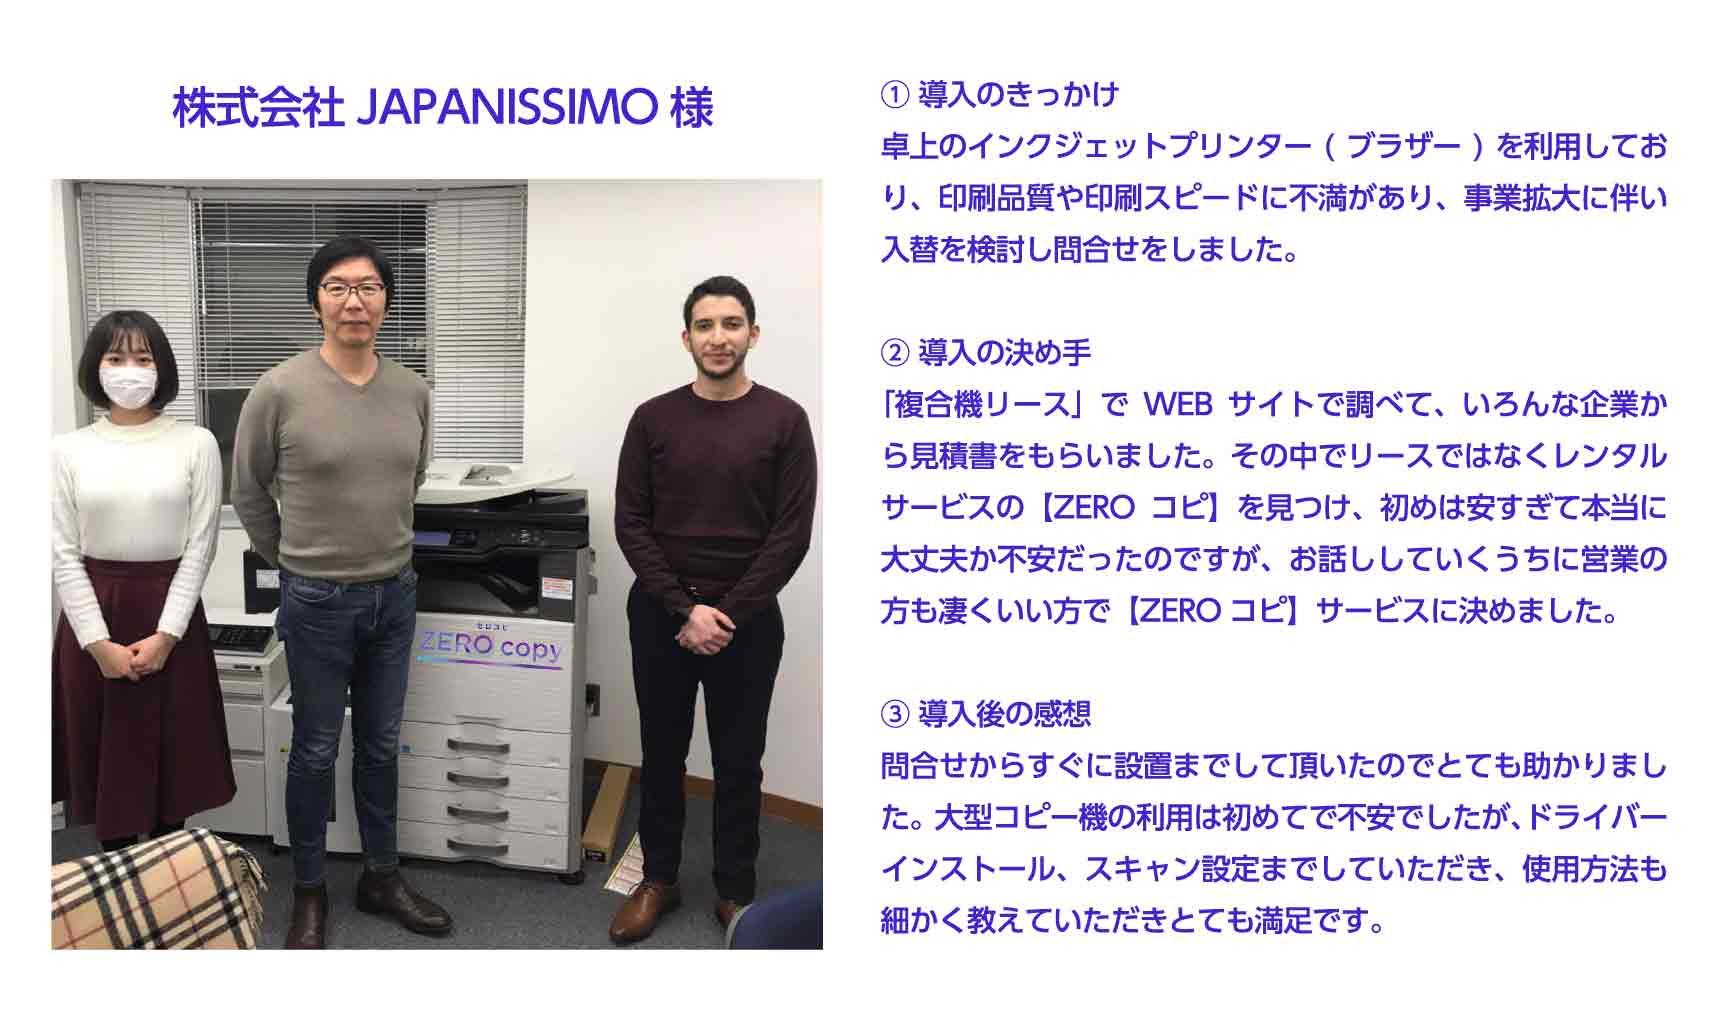 事例1 株式会社JAPANISSIMO様